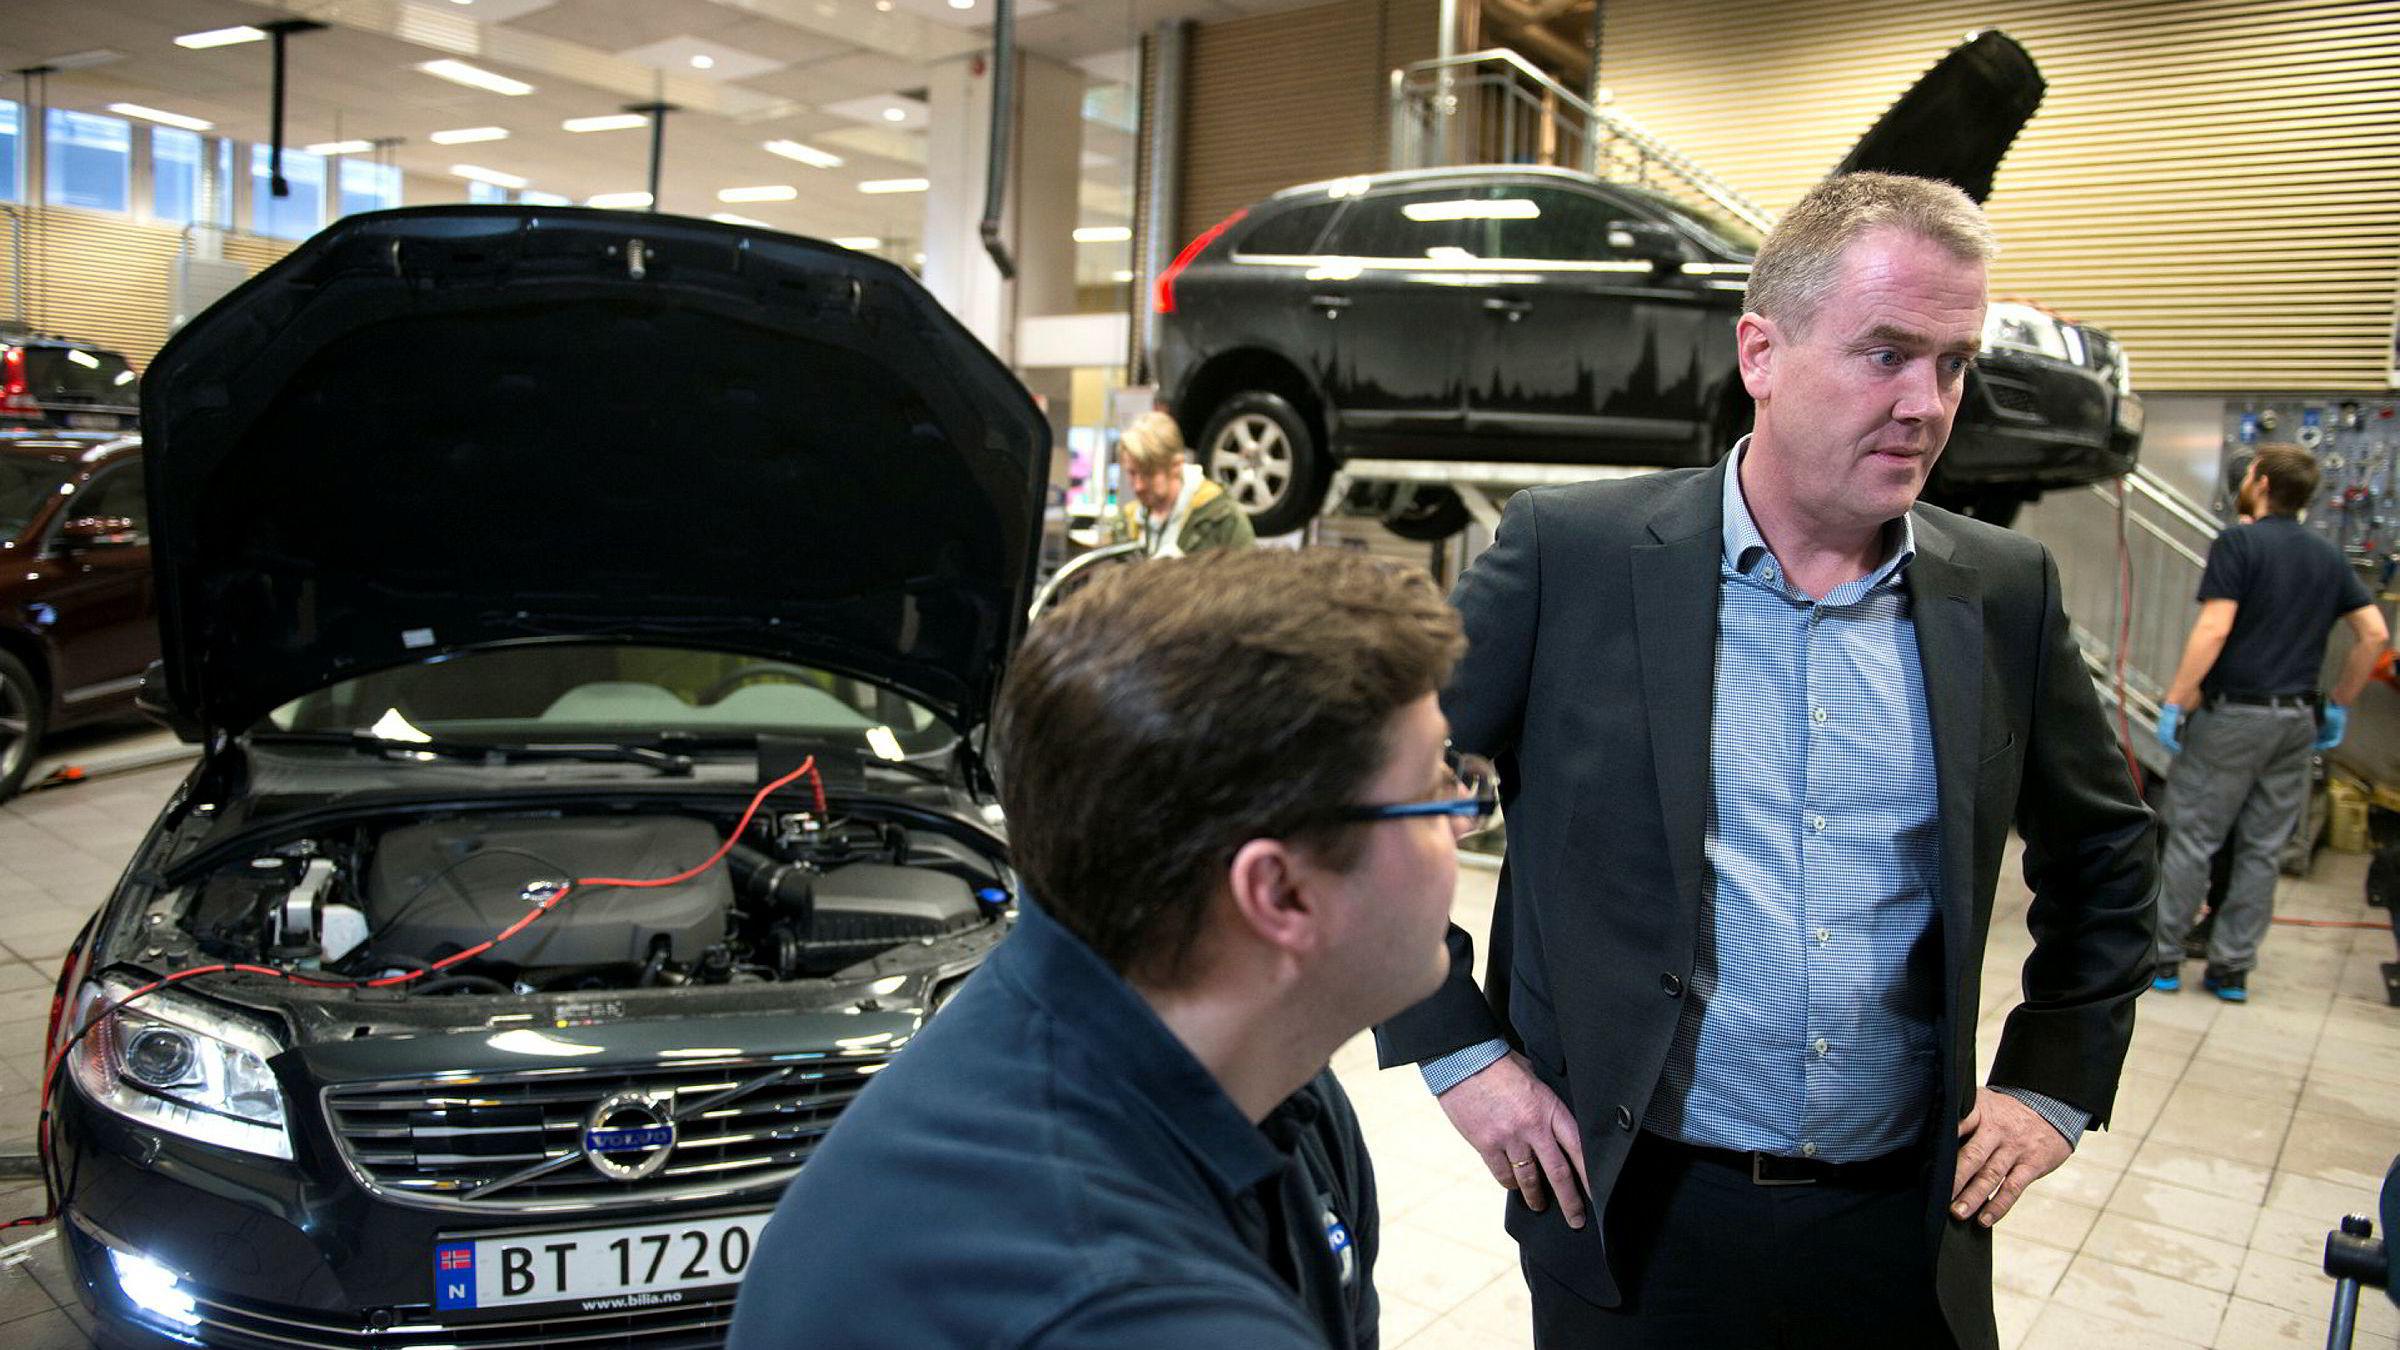 Administrerende direktør i Bilia Frode Hebnes (th) mener innføringen av personlige serviceteknikere gjør bilforhandlerne bedre likt. Her sammen med tekniker Morgan Eriksson hos Bilia Fornebu.